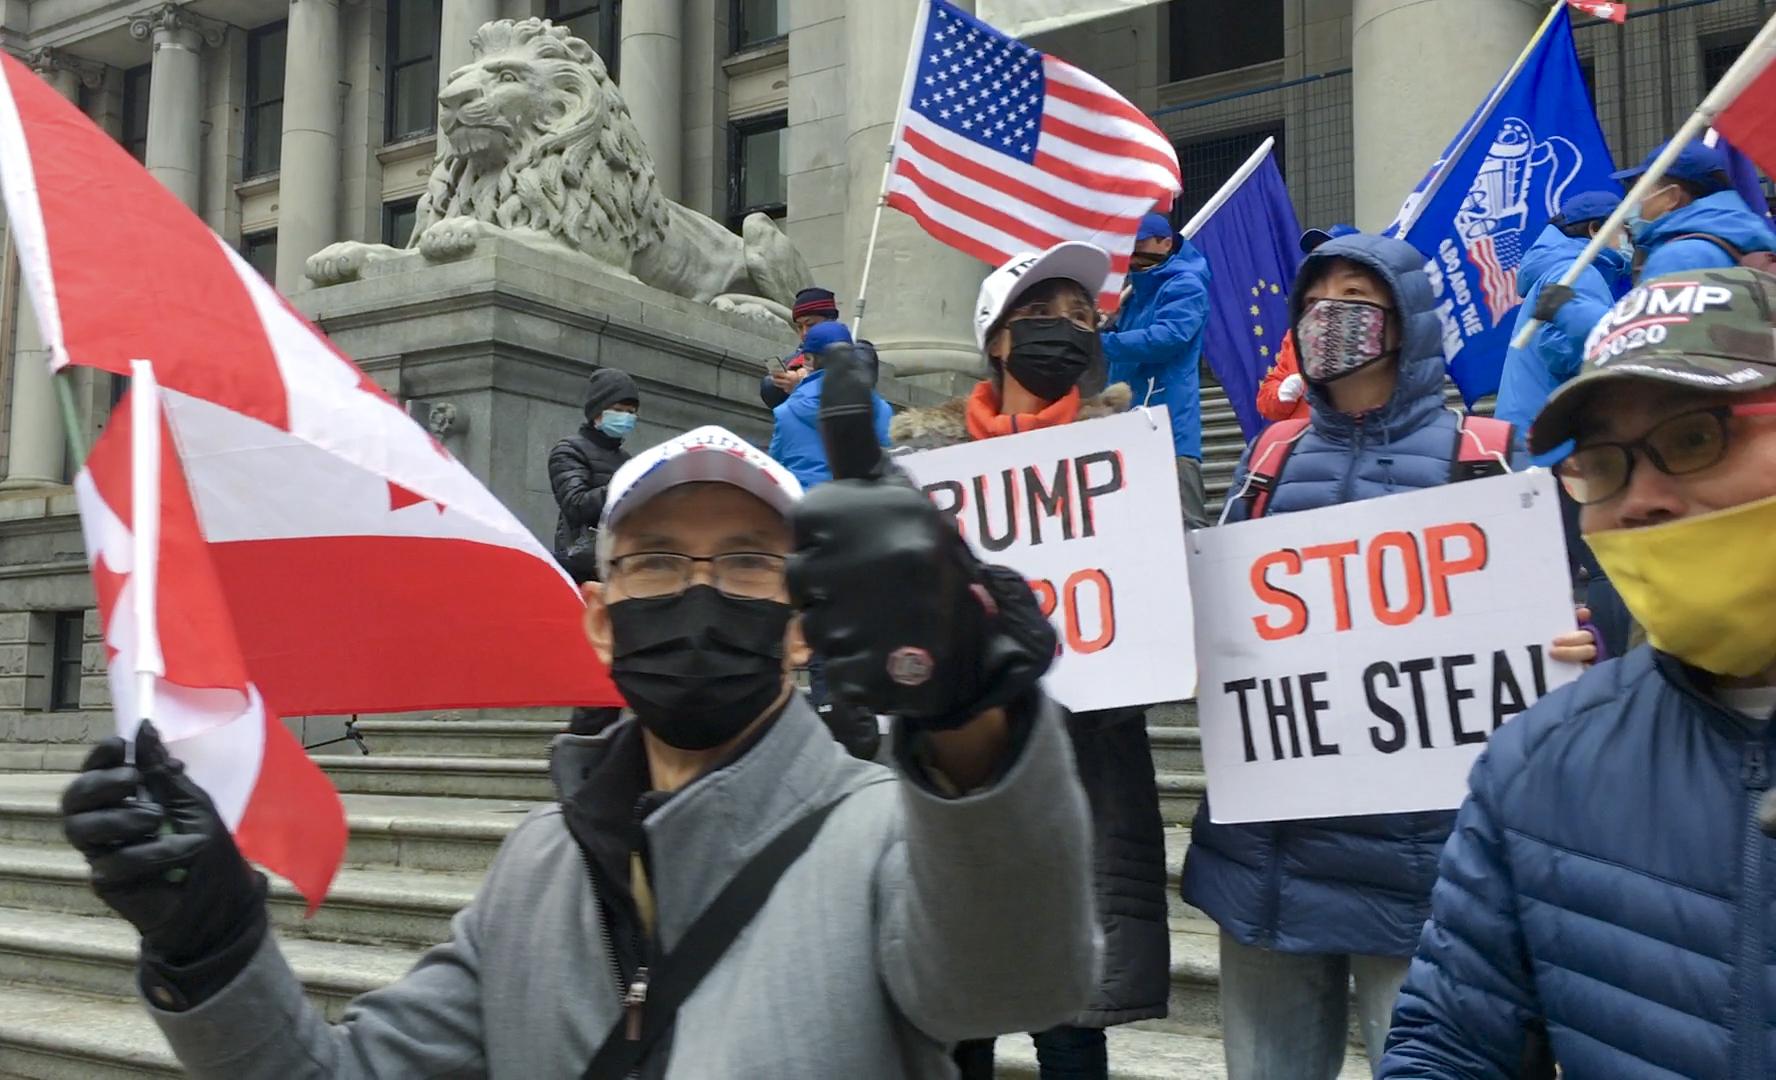 2020年11月14日,數十位加拿大華裔聚集在溫哥華藝術館北廣場舉行集會,表示支持世間的正義公平。(大宇/大紀元)